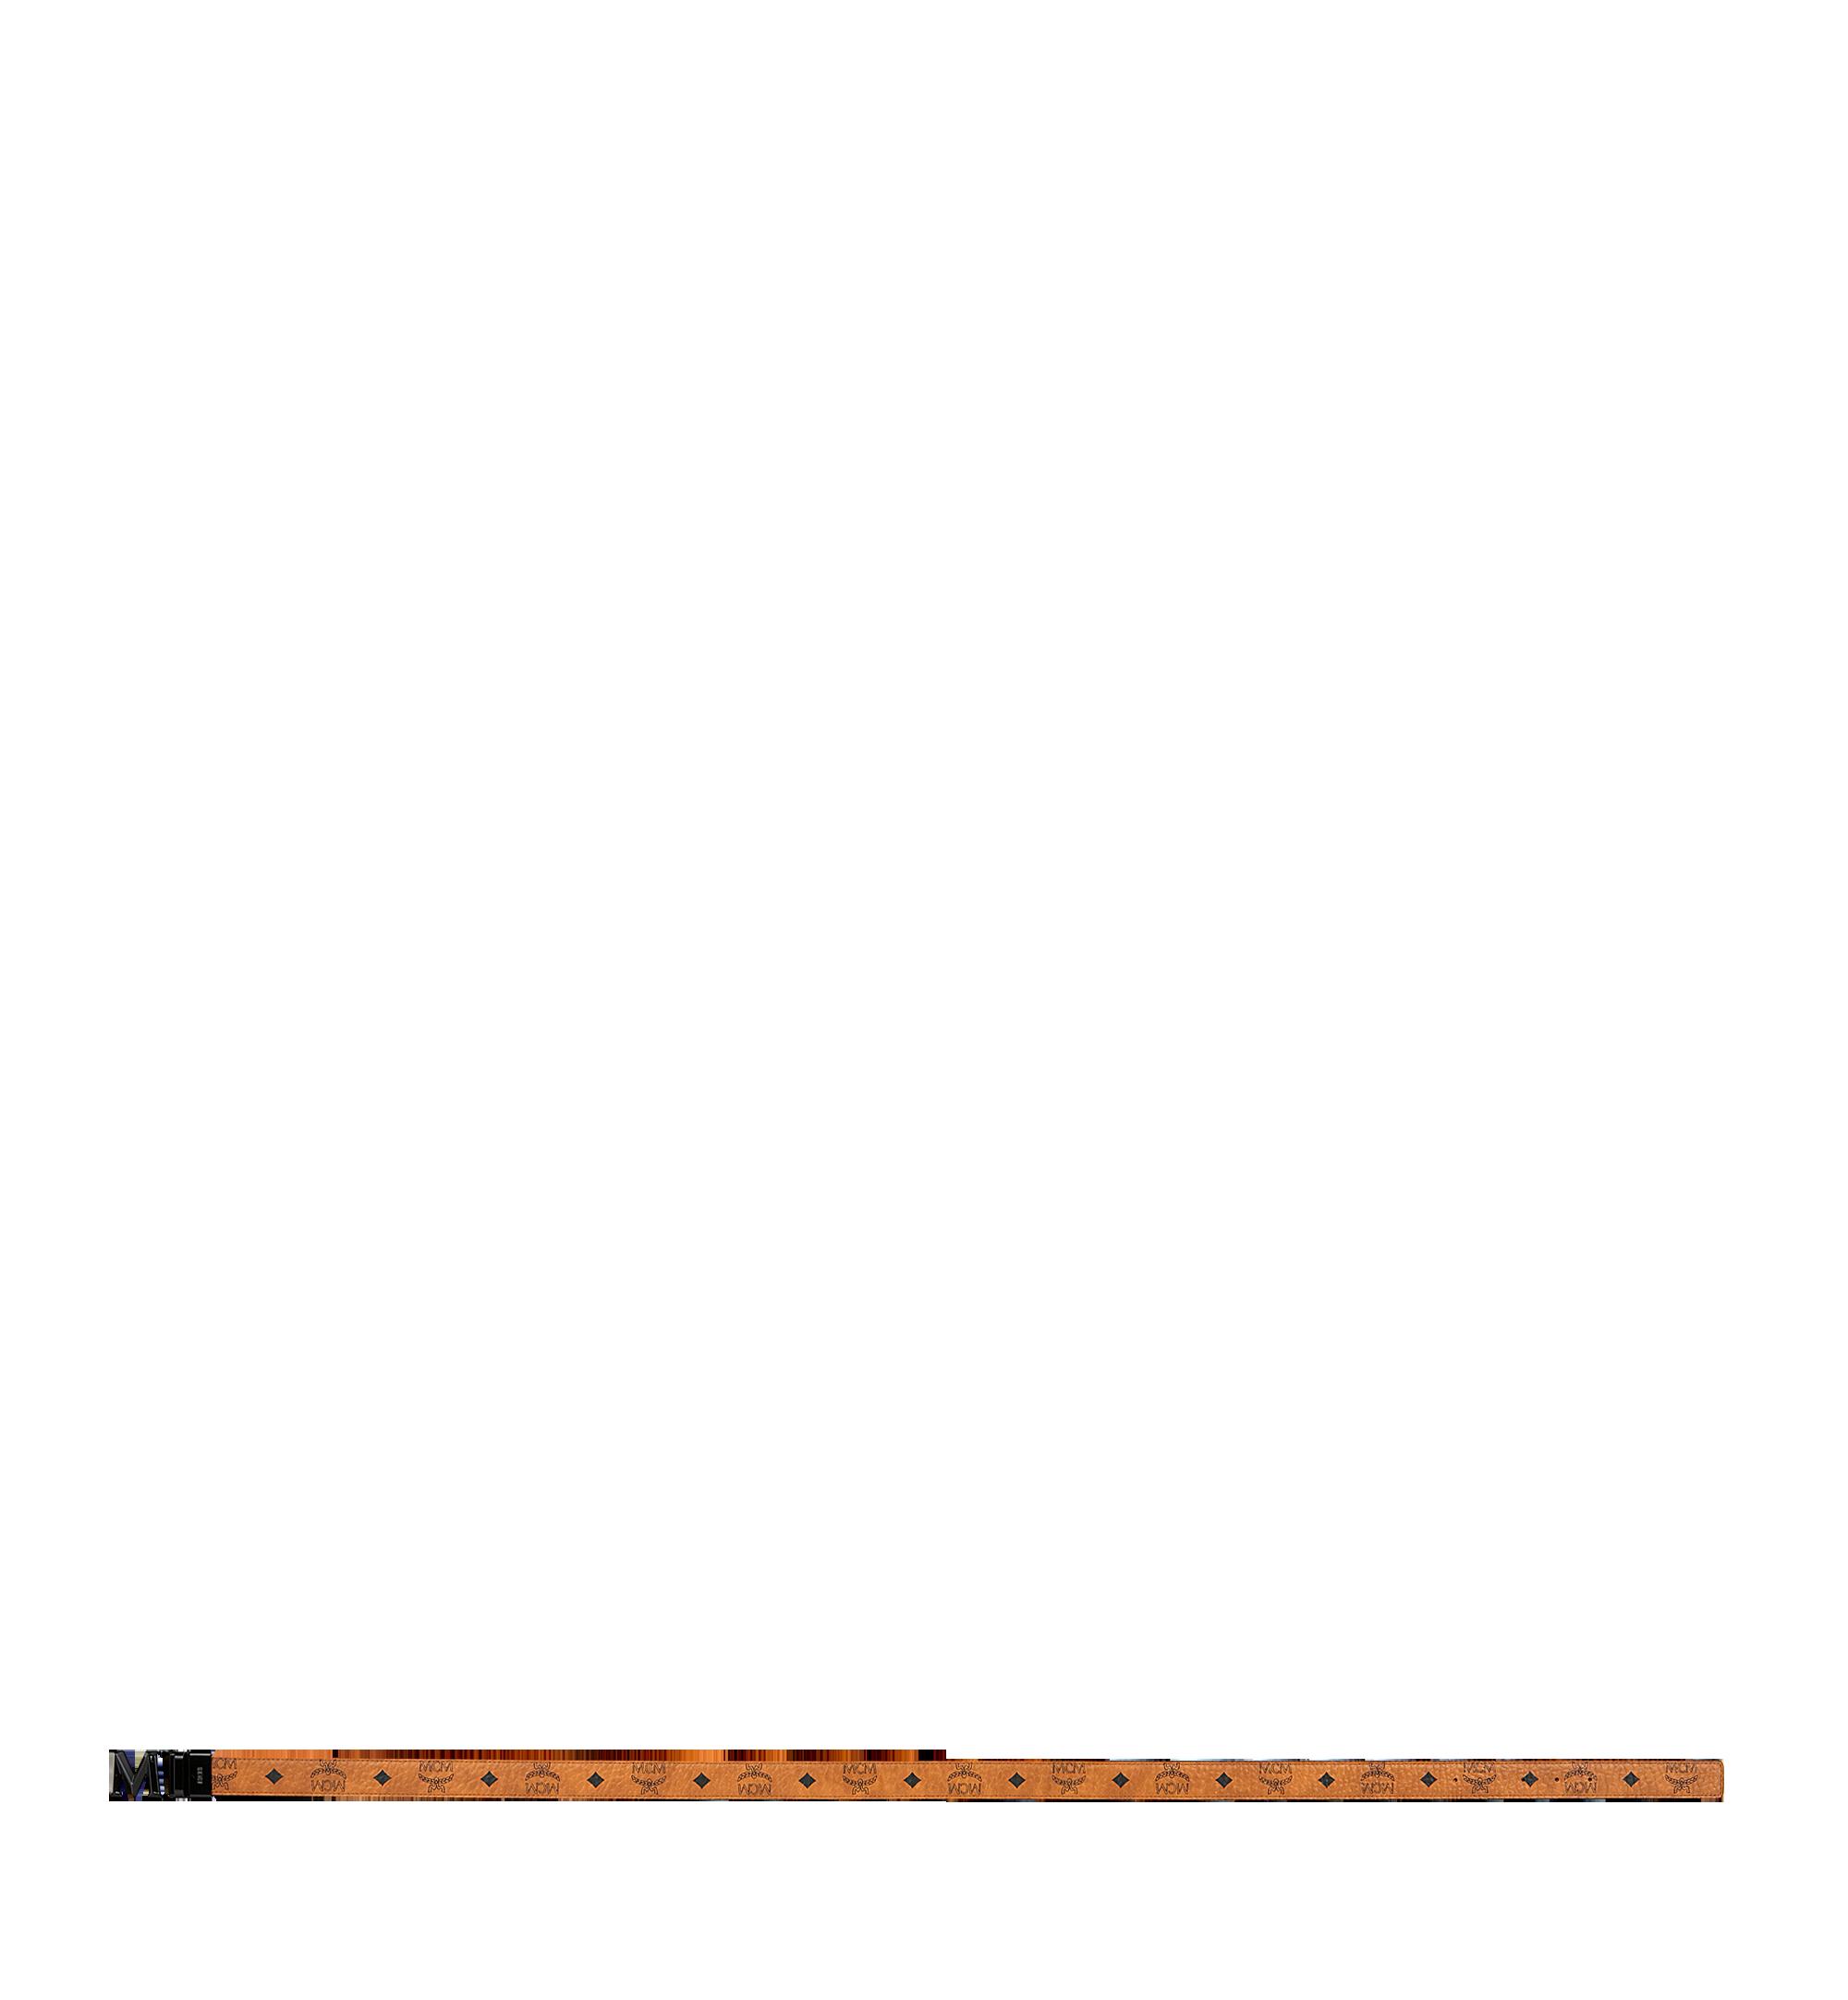 MCM Visetos 系列的 Claus 3D M 1.5 吋可翻轉皮帶 Cognac MYB9SVI33CO001 更多視圖 2